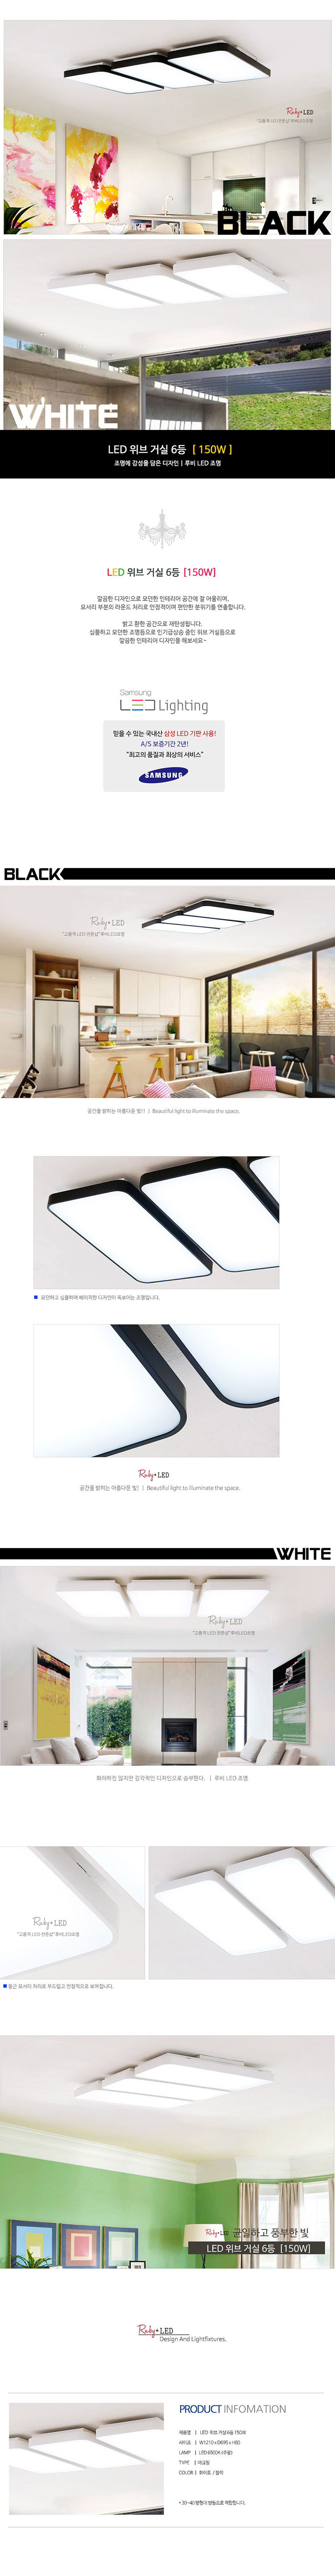 위브 LED 거실등 150W (블랙,화이트) 상세.jpg